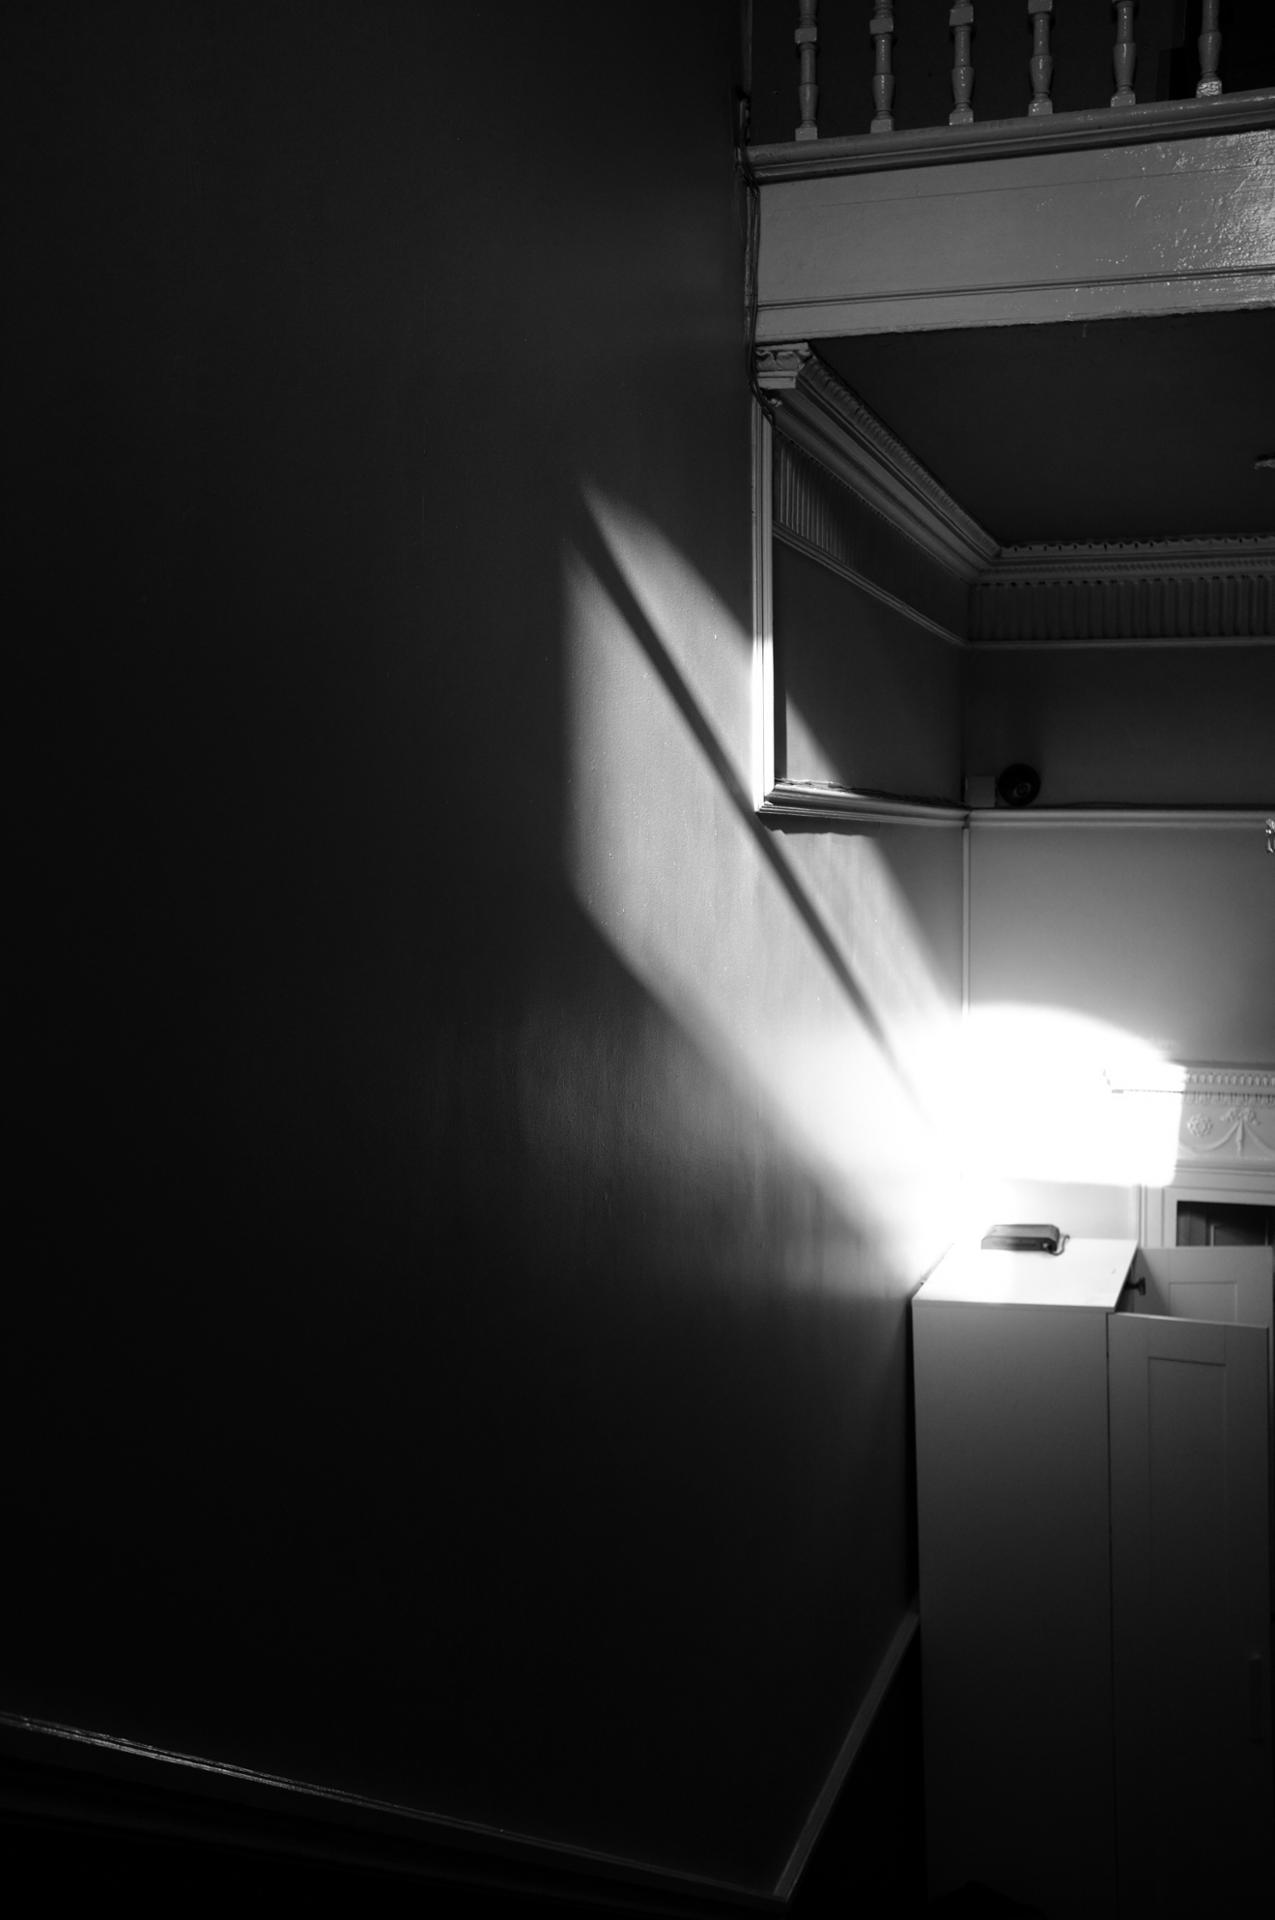 Un couloir d'hotel